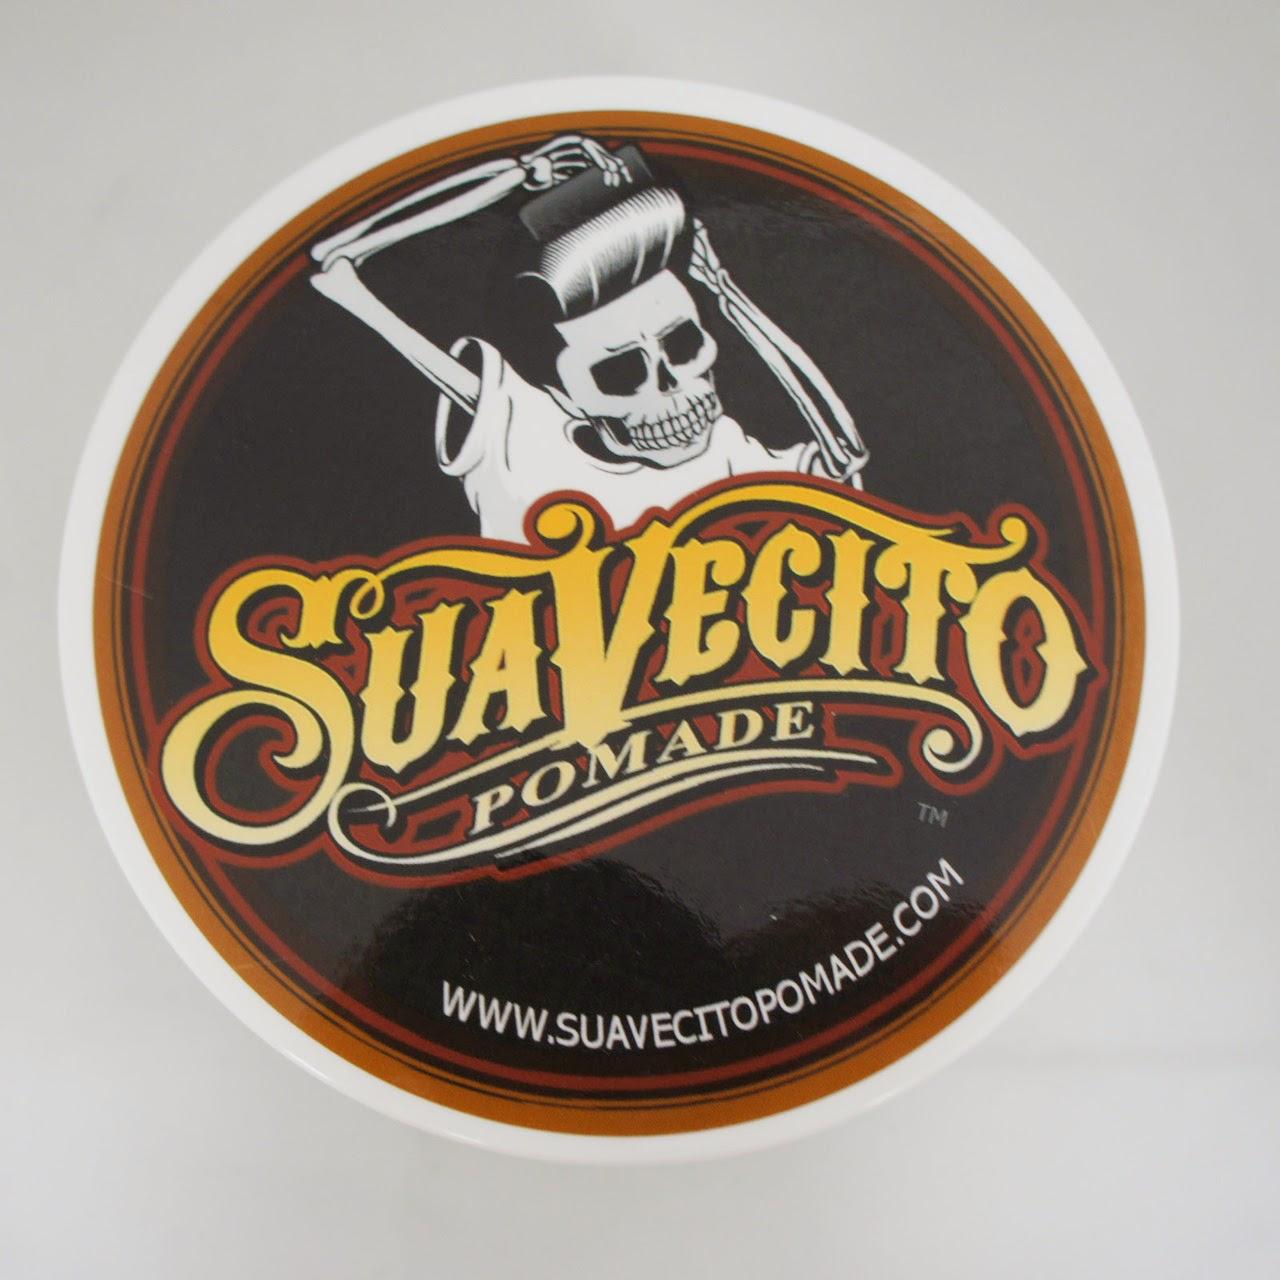 Suavecito Original Water Based Pomade